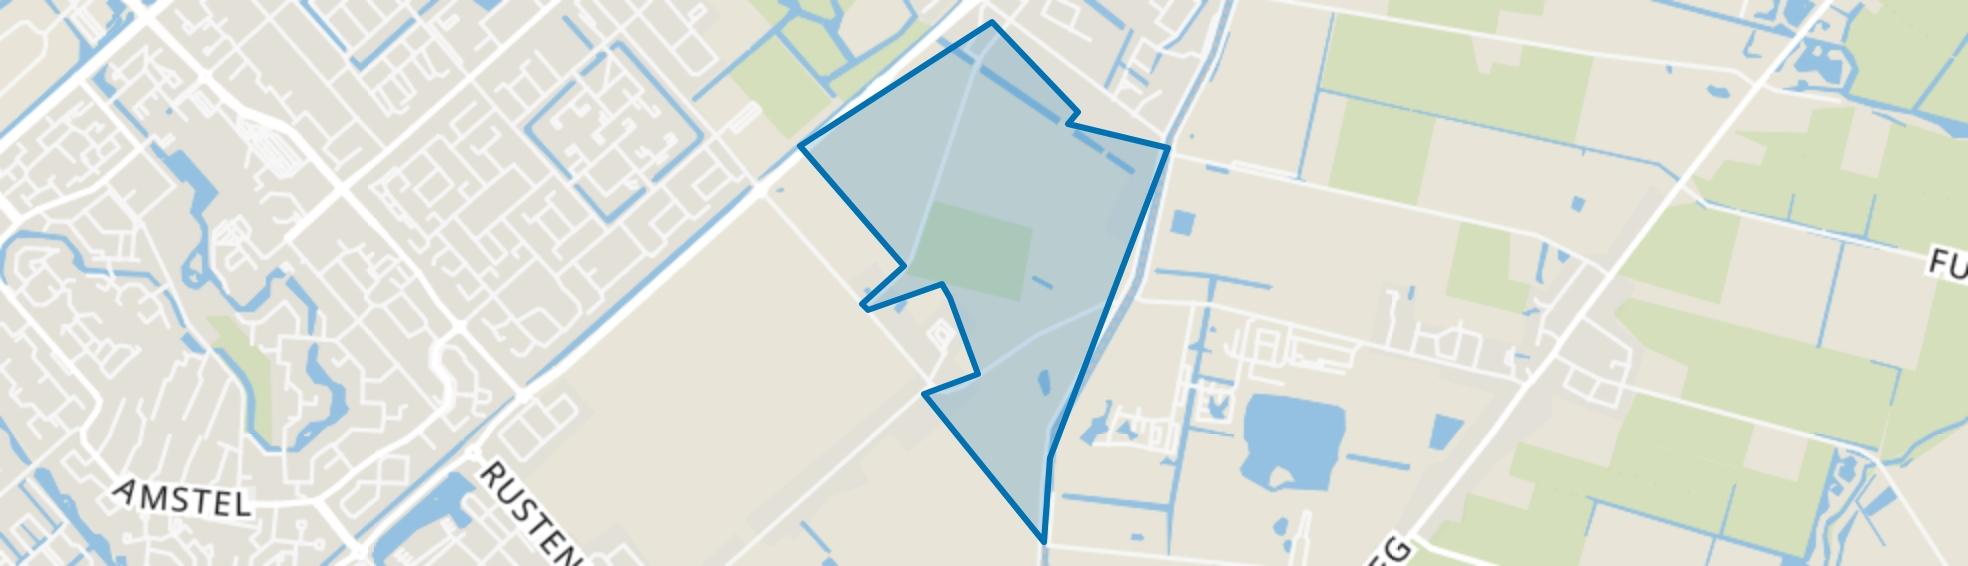 De Draai Zuid, Heerhugowaard map